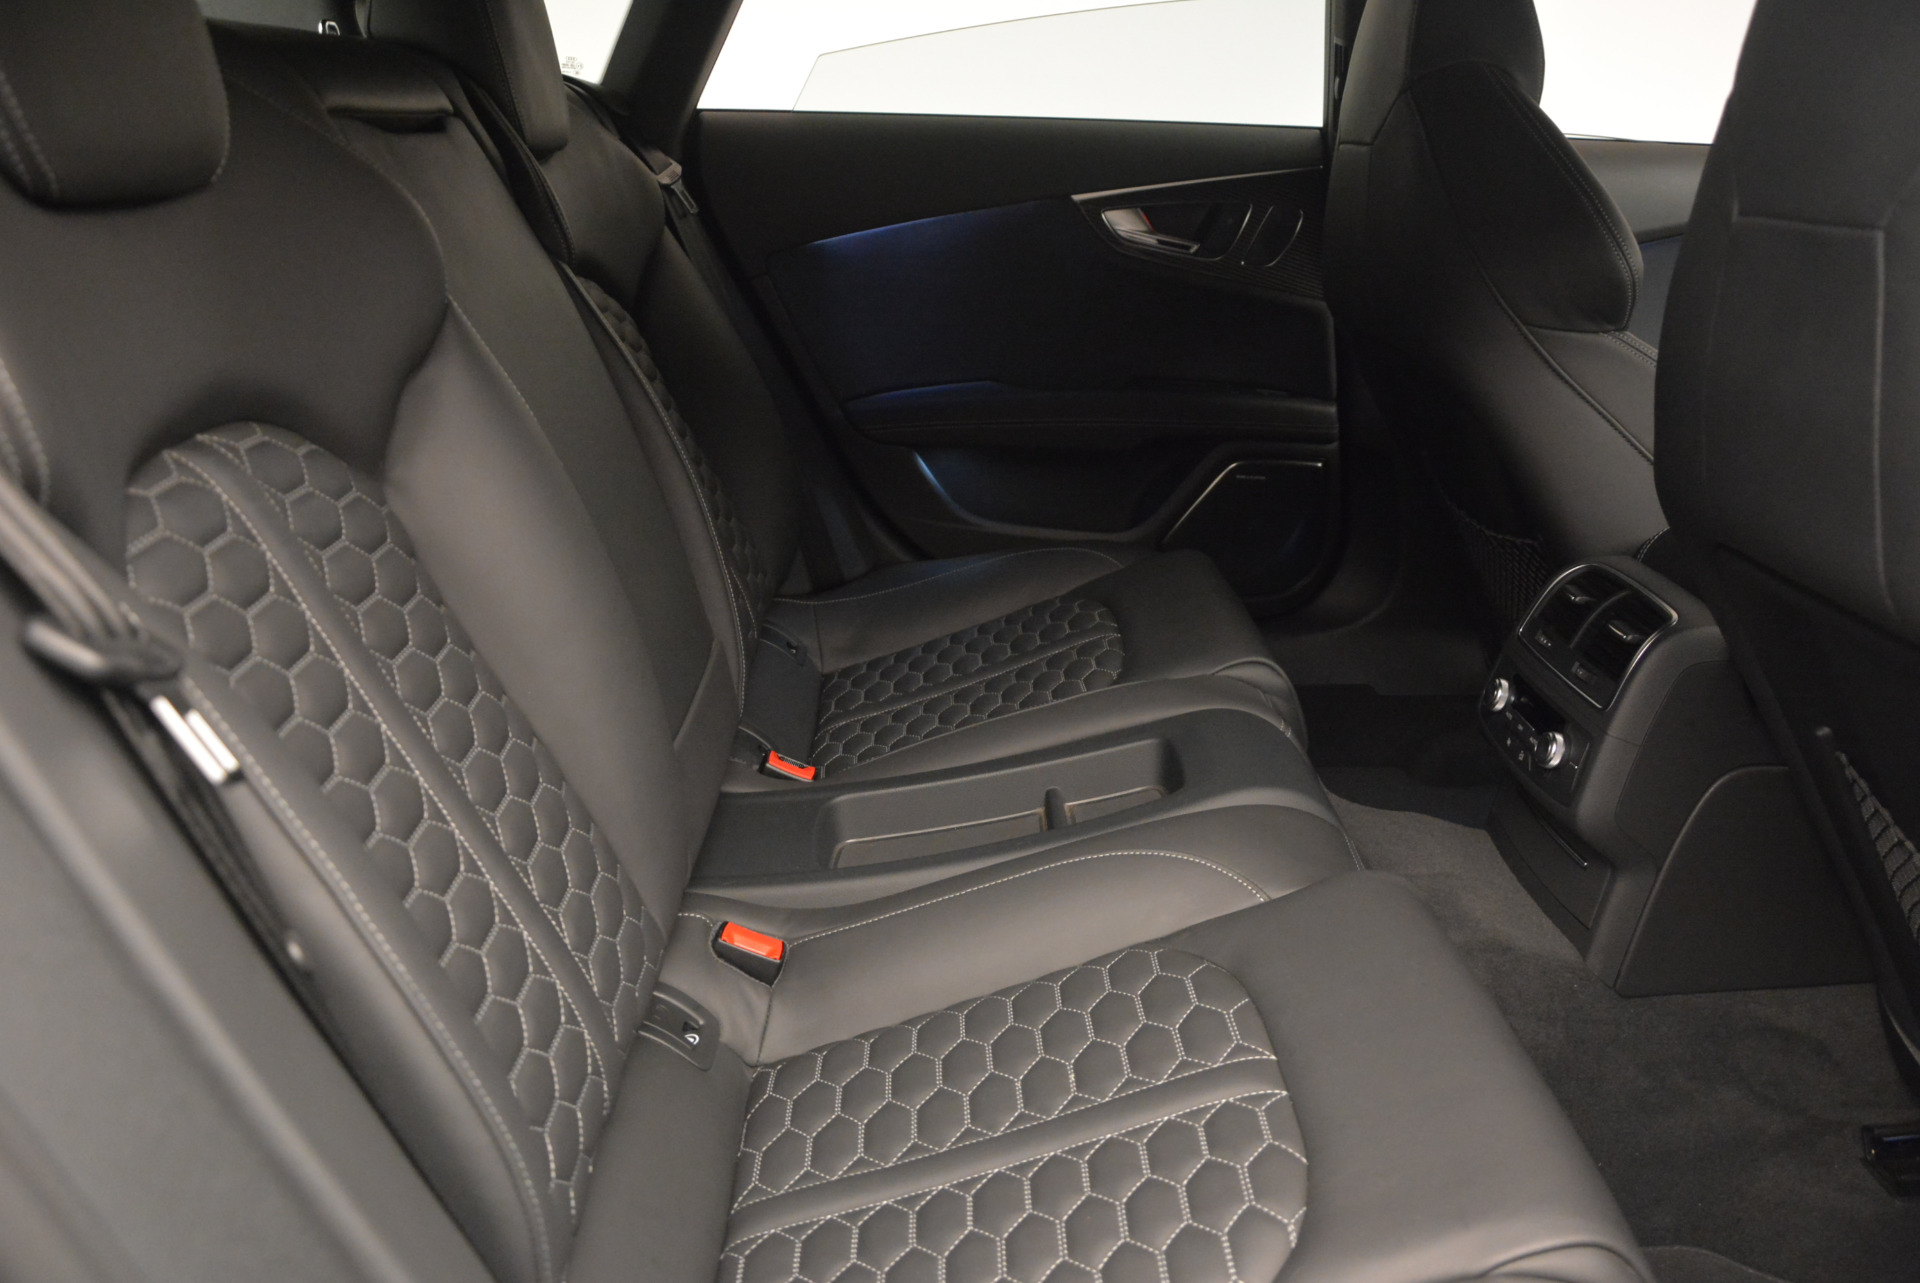 Used 2014 Audi RS 7 4.0T quattro Prestige For Sale In Westport, CT 707_p25